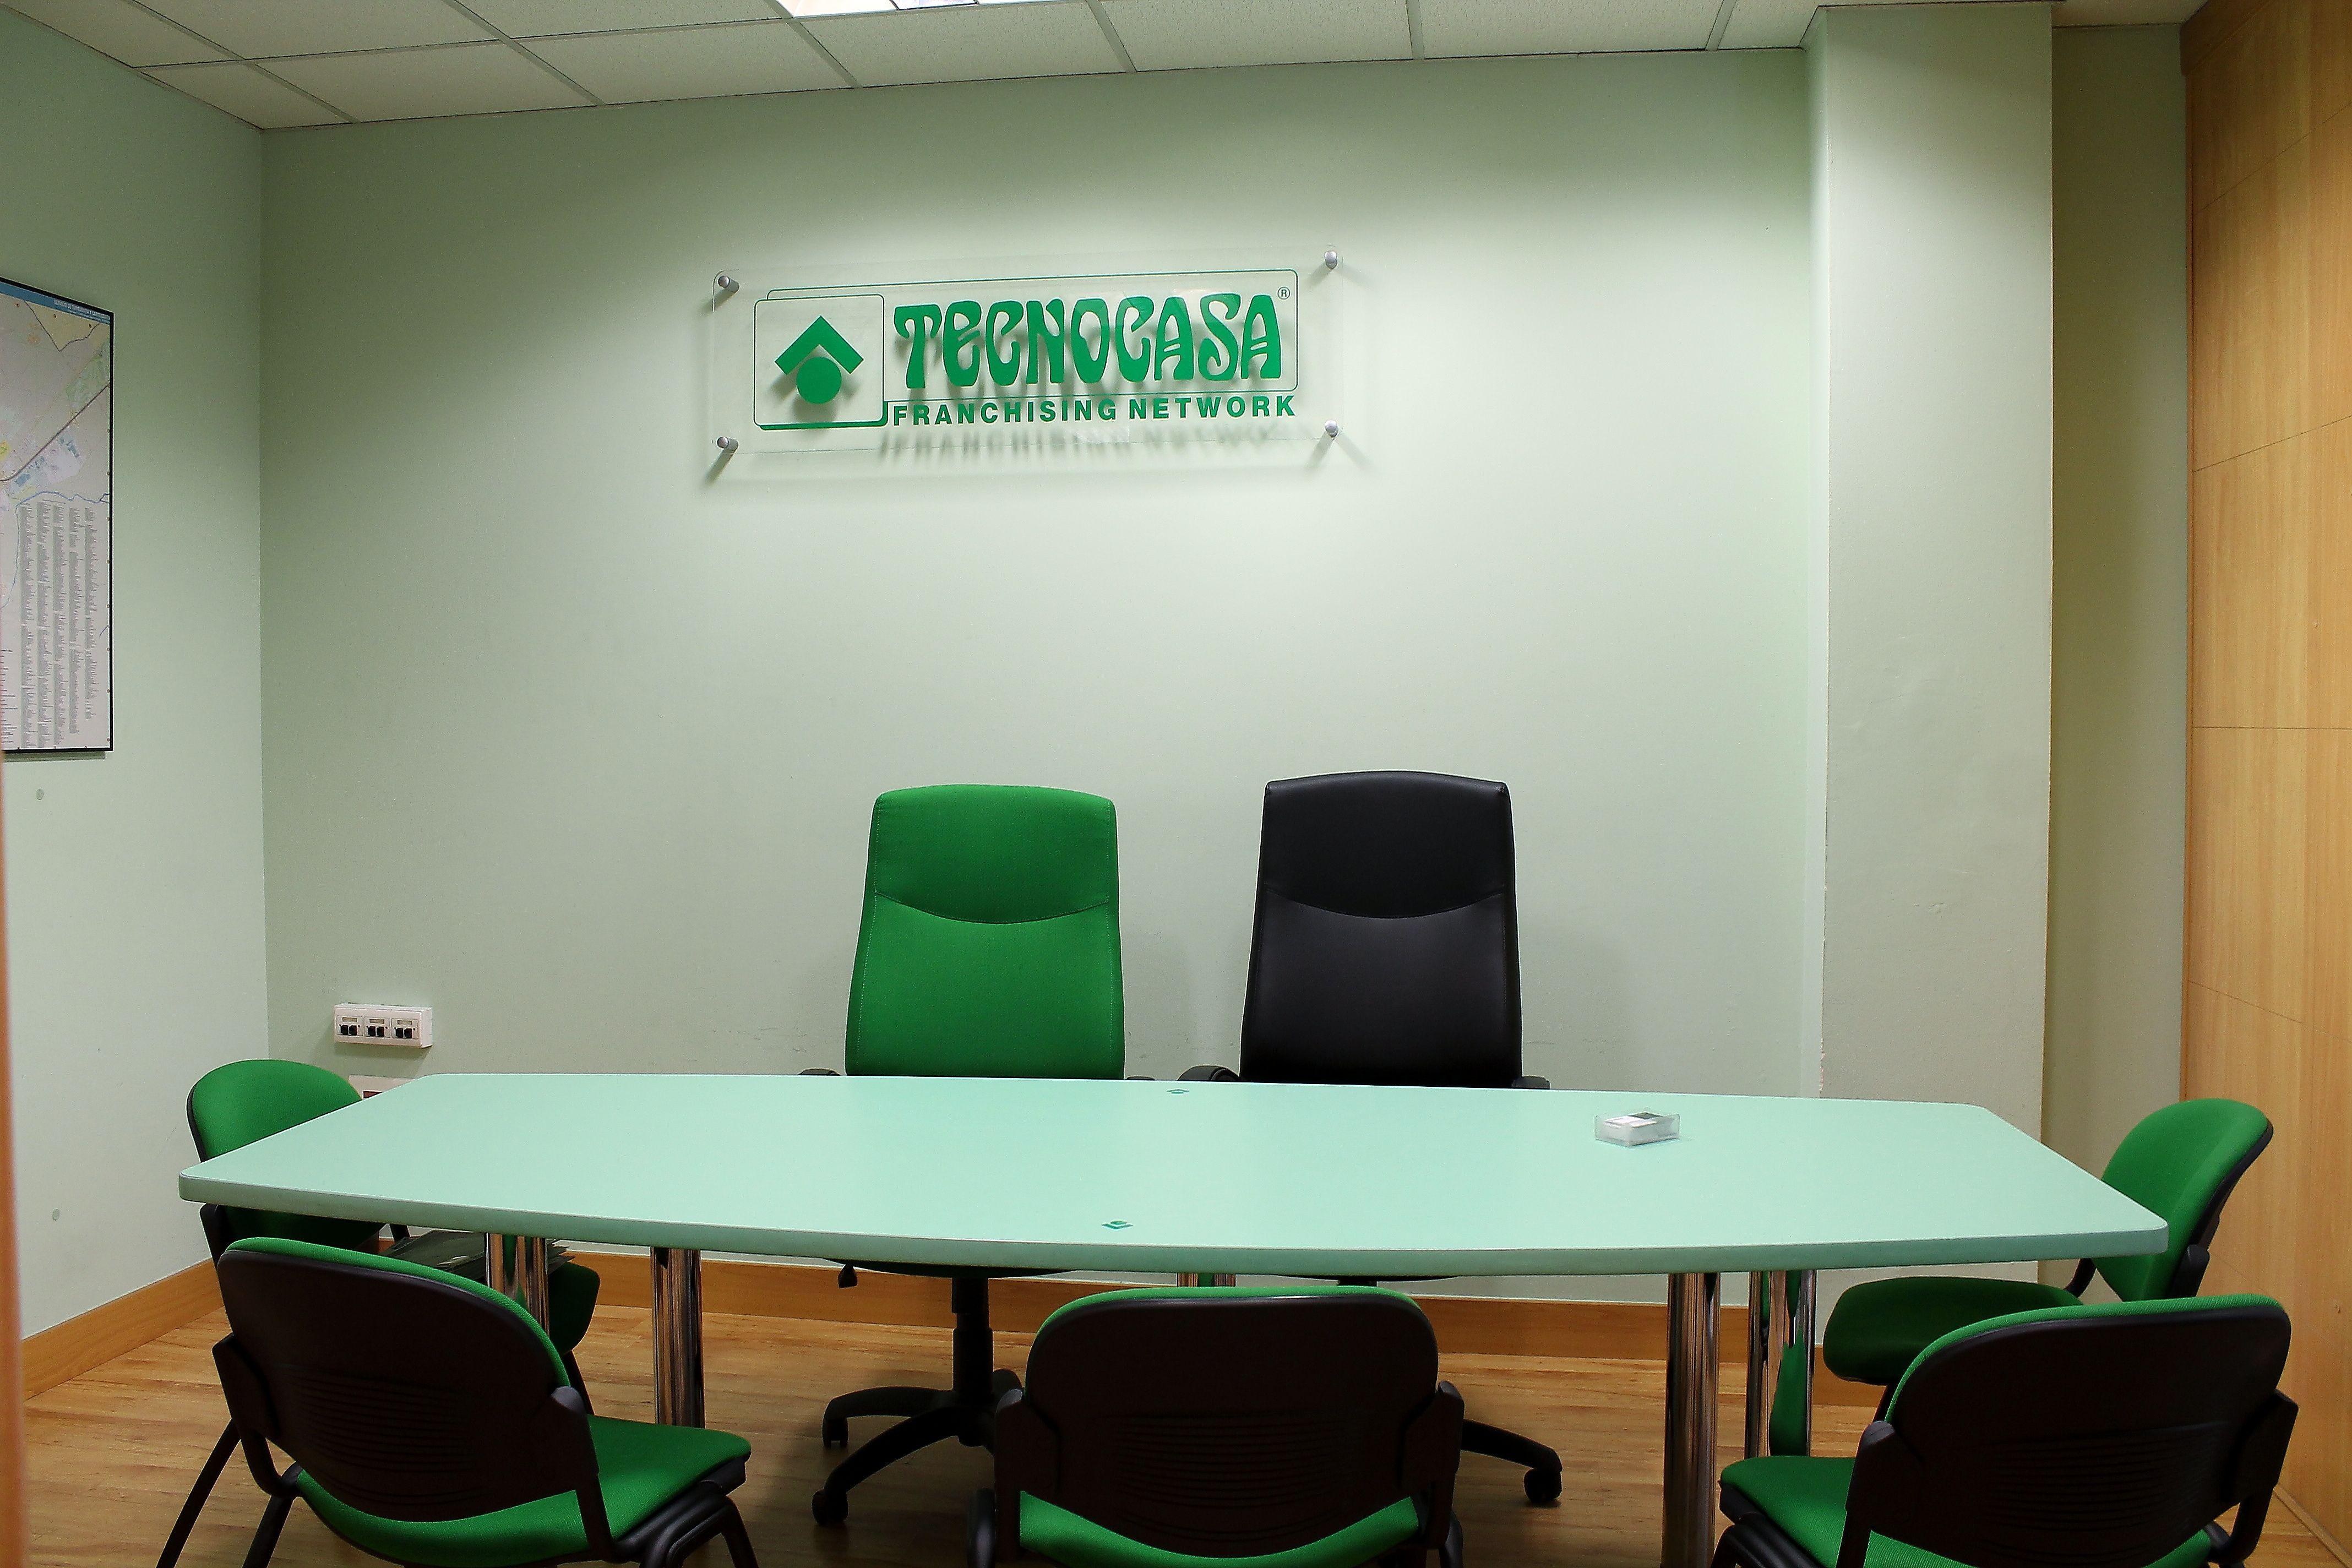 Inmobiliaria de confianza para comprar pisos en Alcalá de Henares